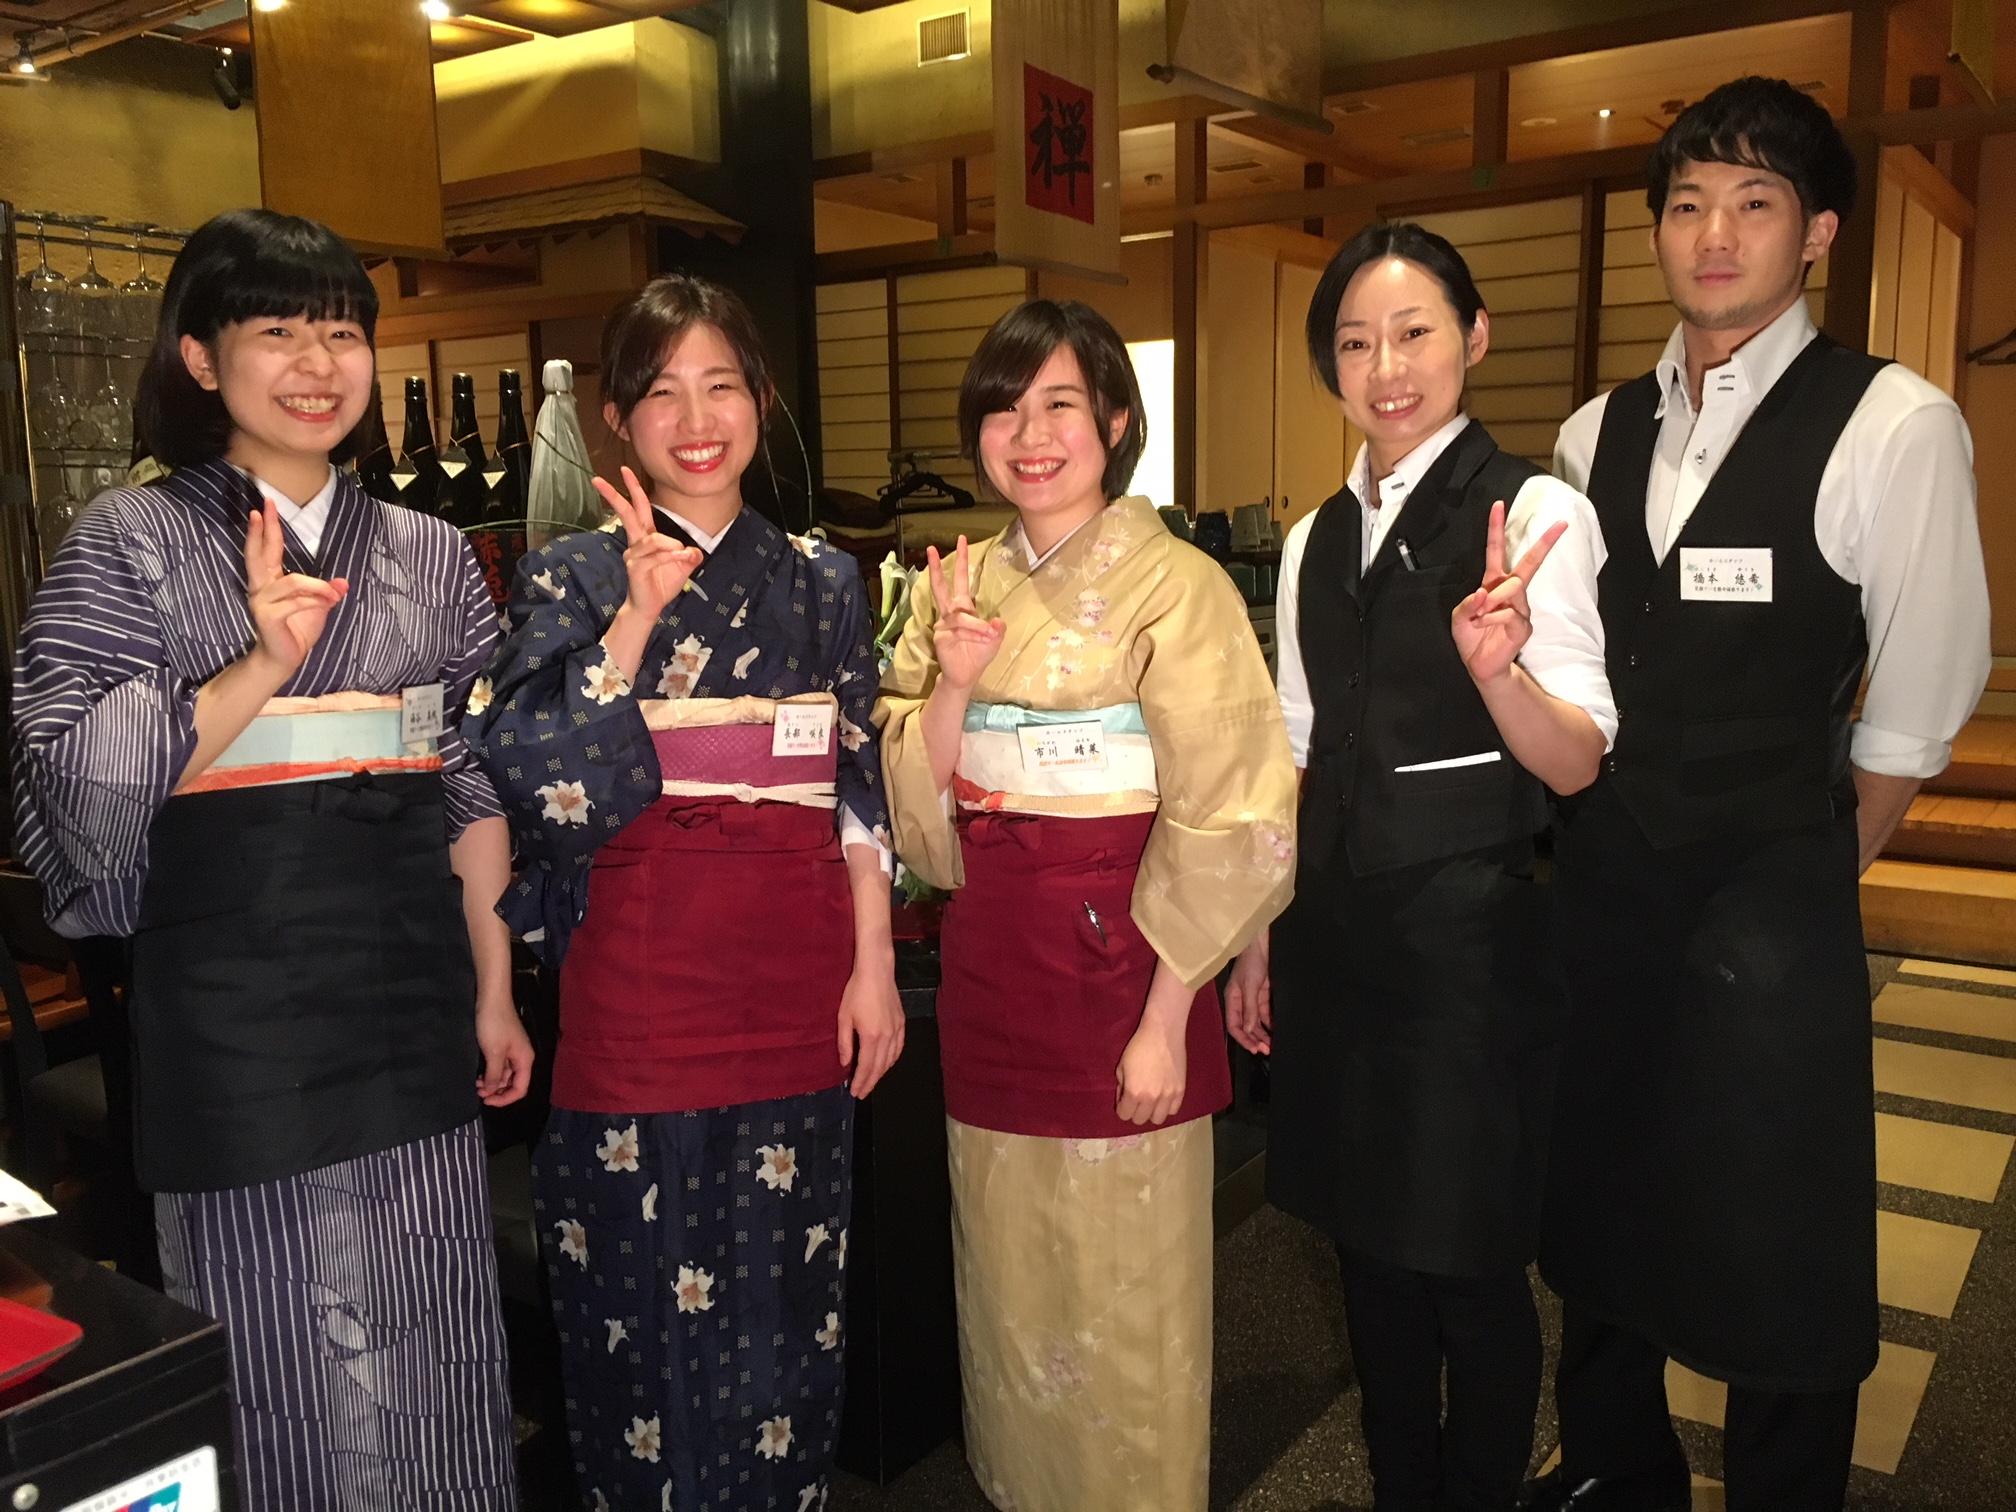 9月11日 札幌的餐厅:牛肉涮涮锅日式火锅专门店 禅(人气店 店员的照片)